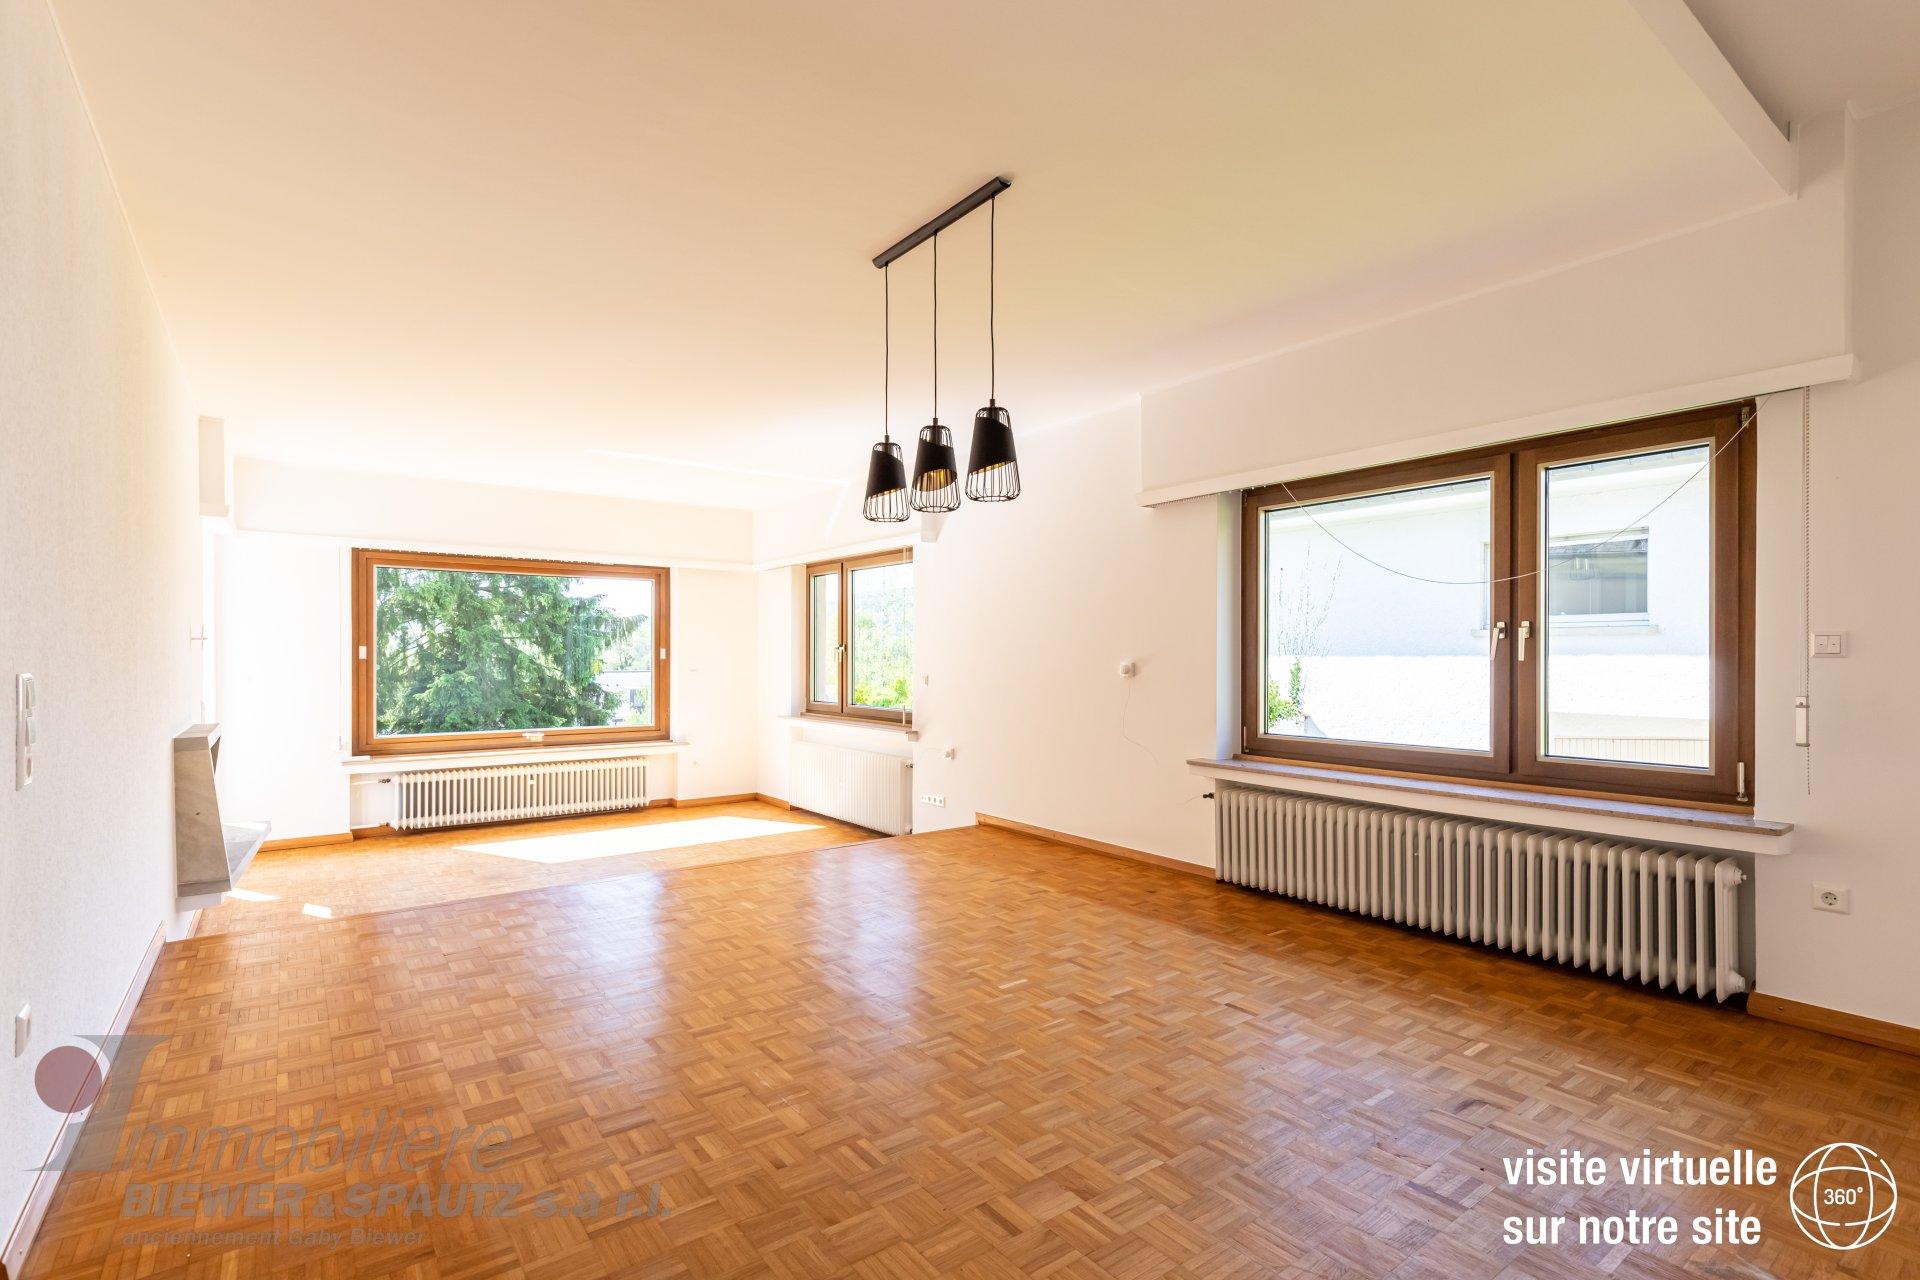 A LOUER - maison avec 4 chambres à coucher à Echternach